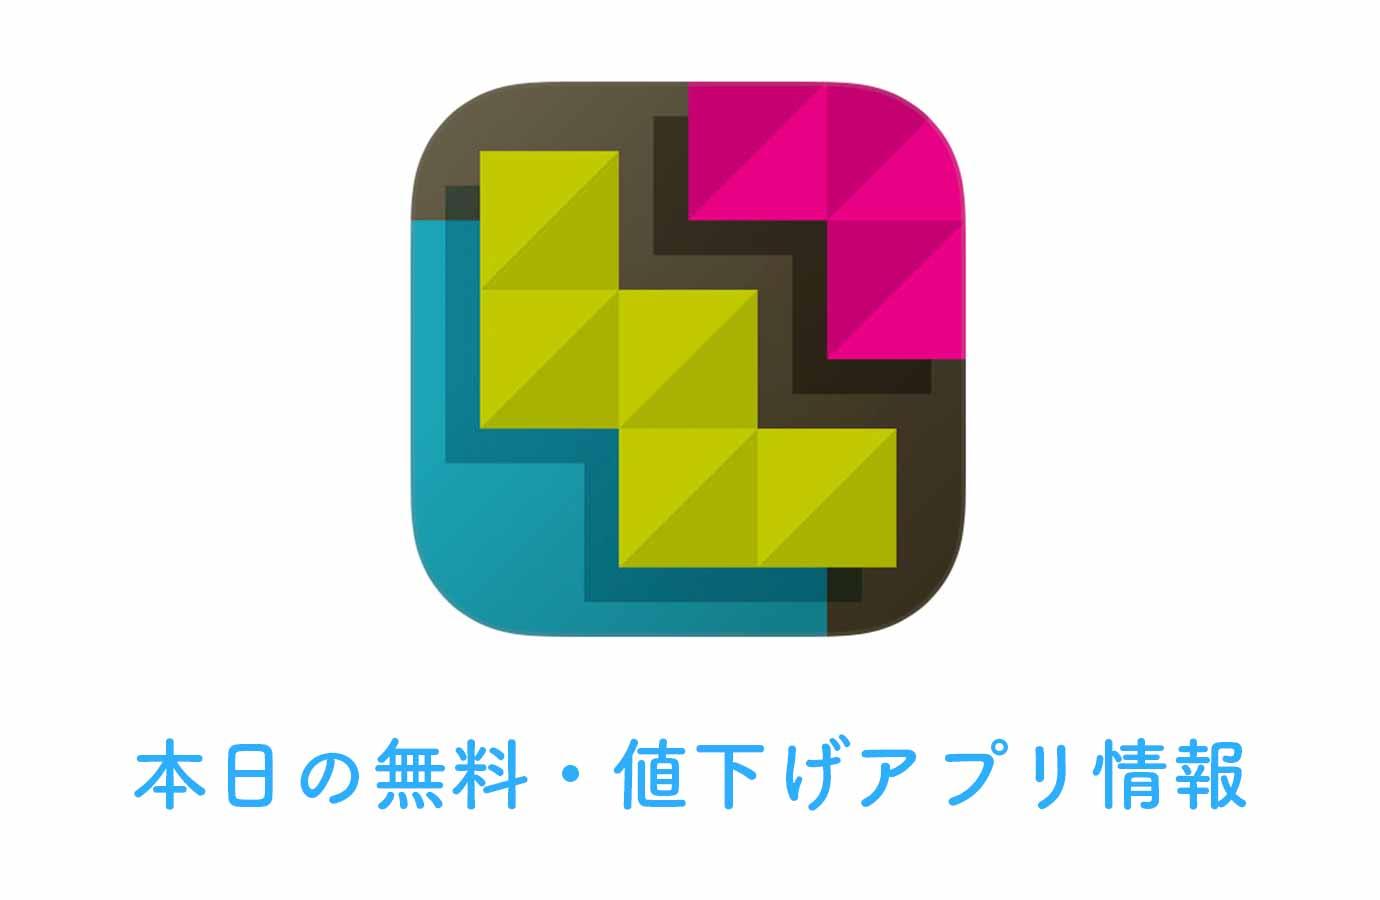 360円→無料!ハマるブロックパズル「Formino」など【3/19】本日の無料・値下げアプリ情報